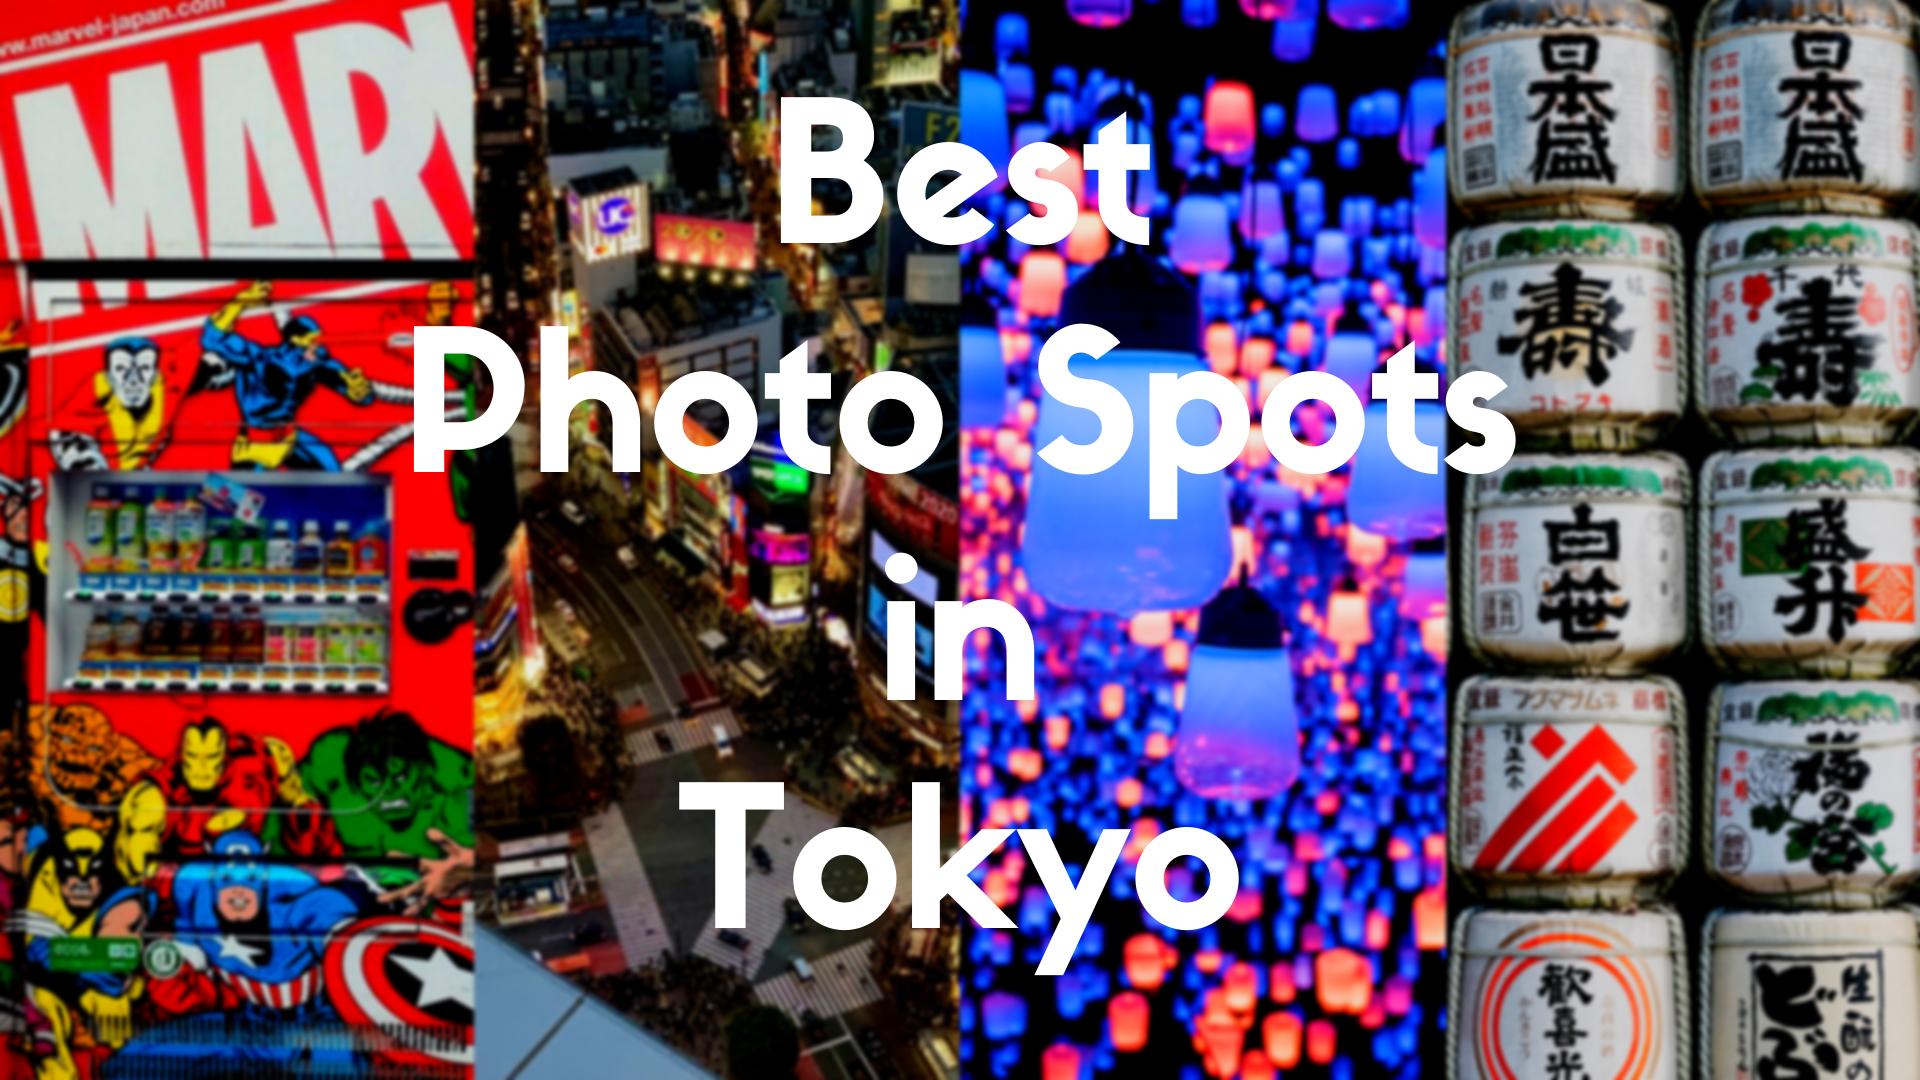 Best Photo Spots in Tokyo2021